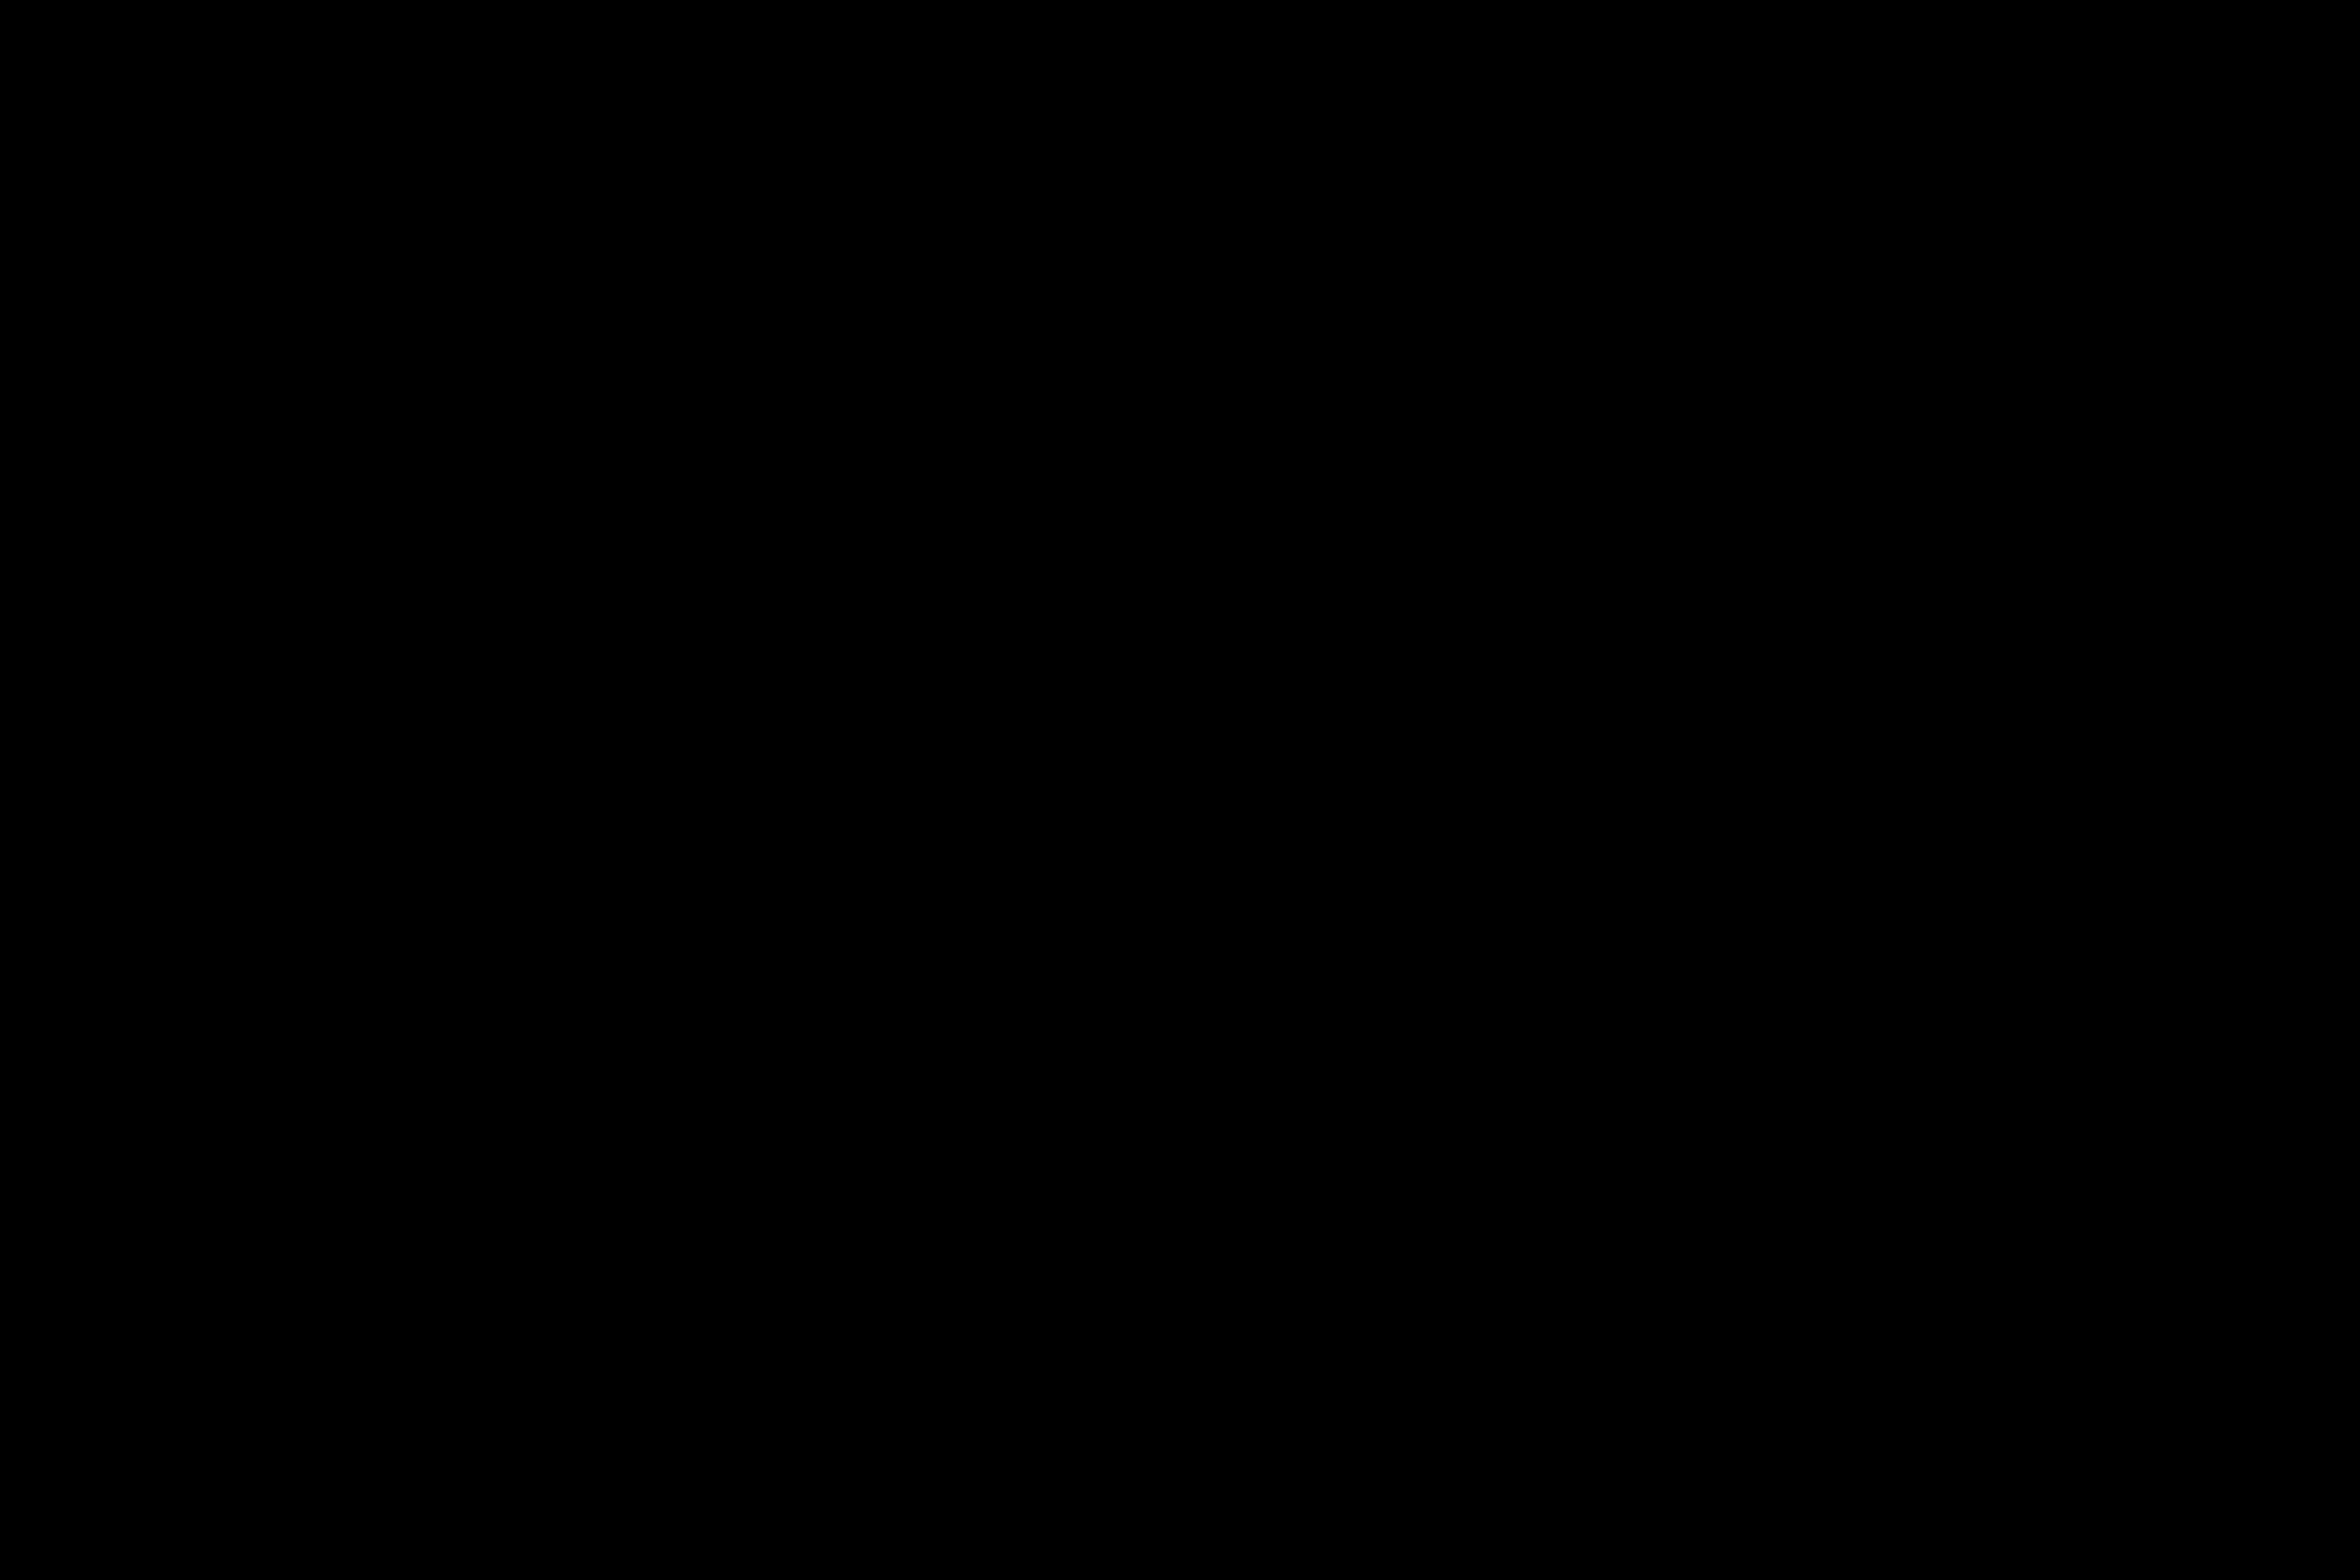 Floor & Ceiling Plan